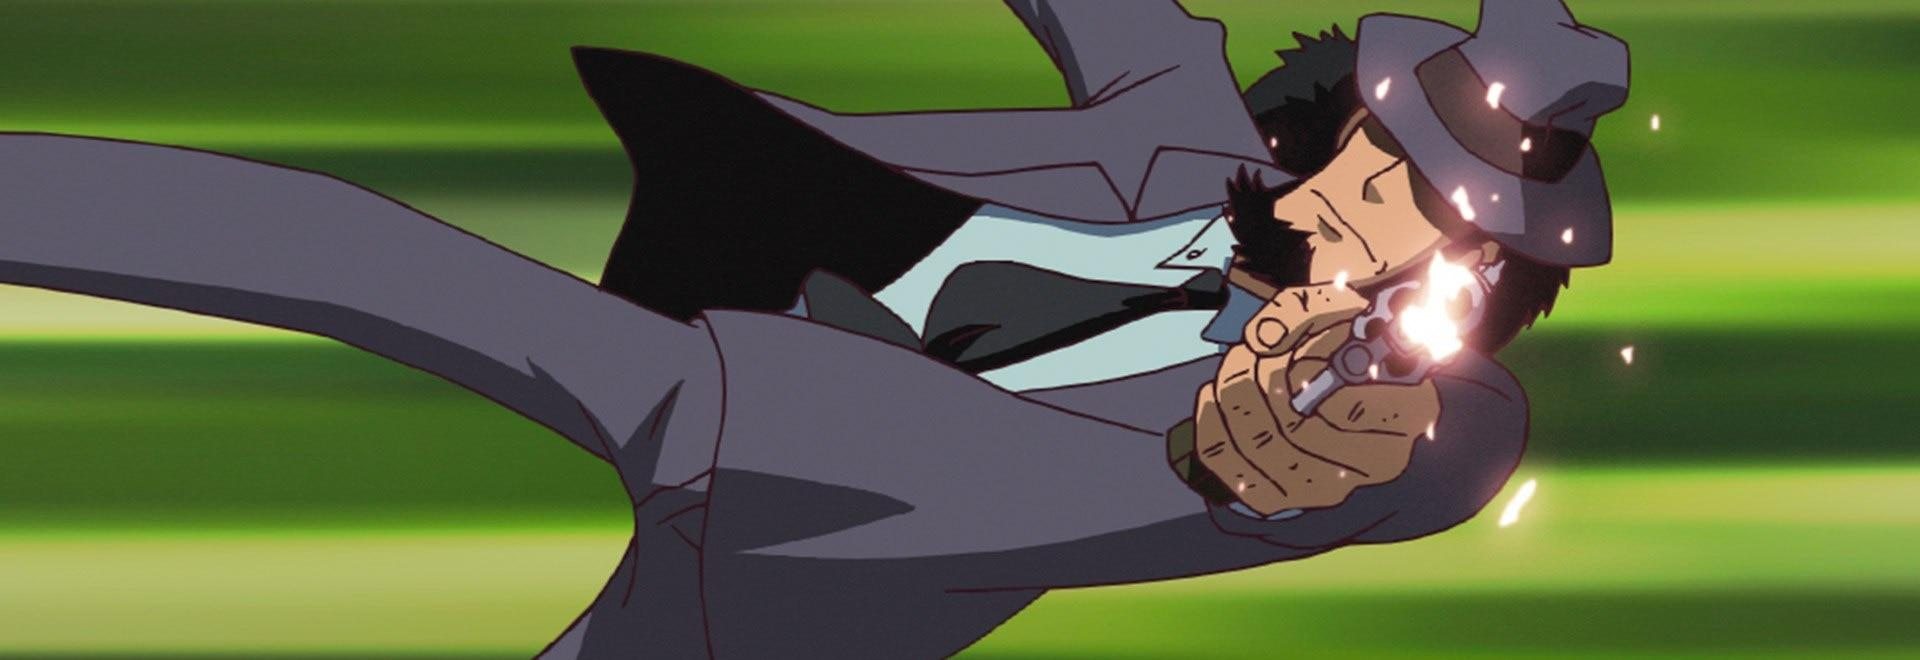 Lupin III - La lacrima della Dea